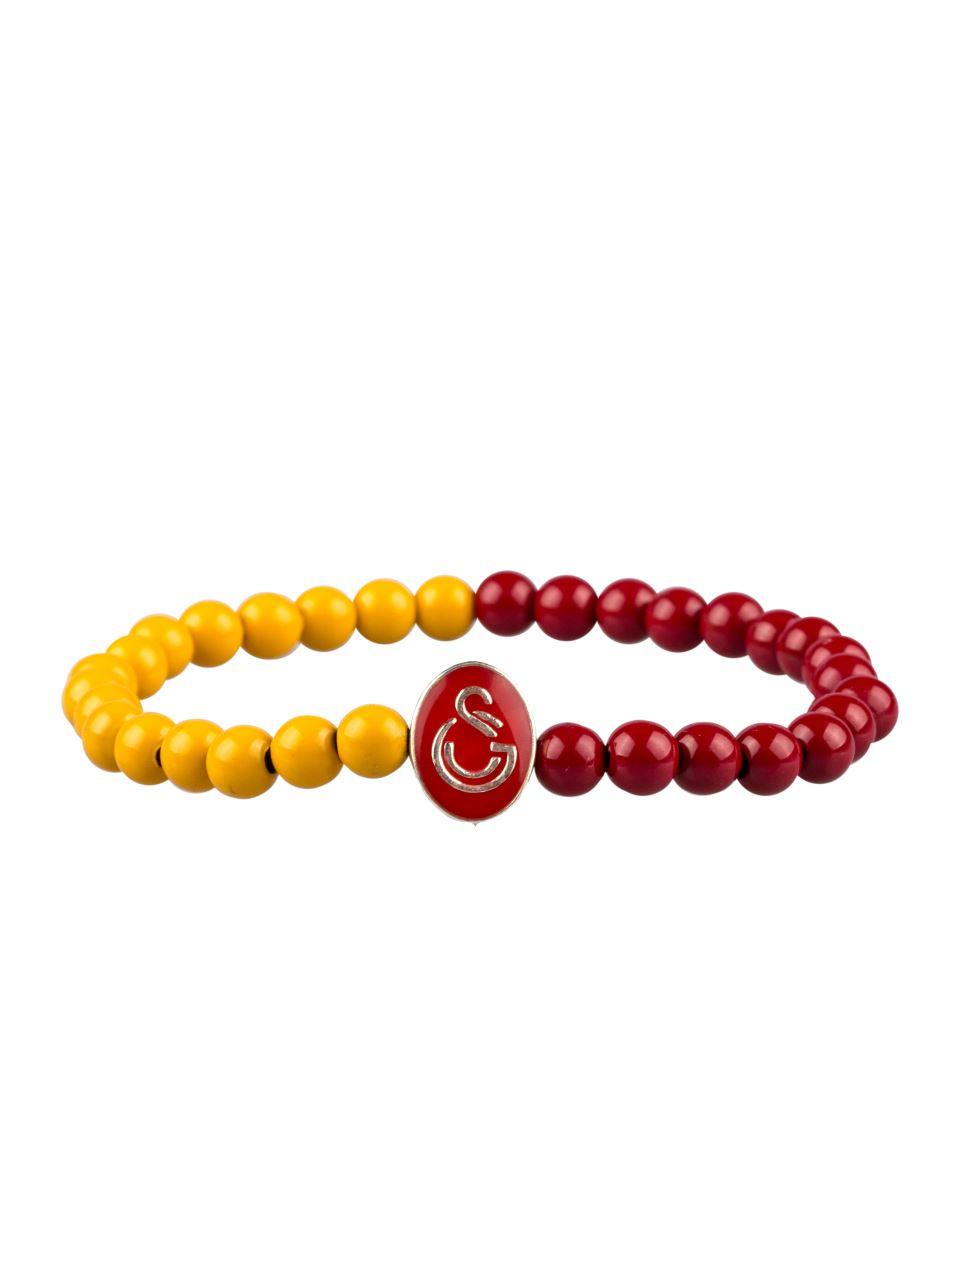 U65311 Boncuk Bileklik Sarı Kırmızı